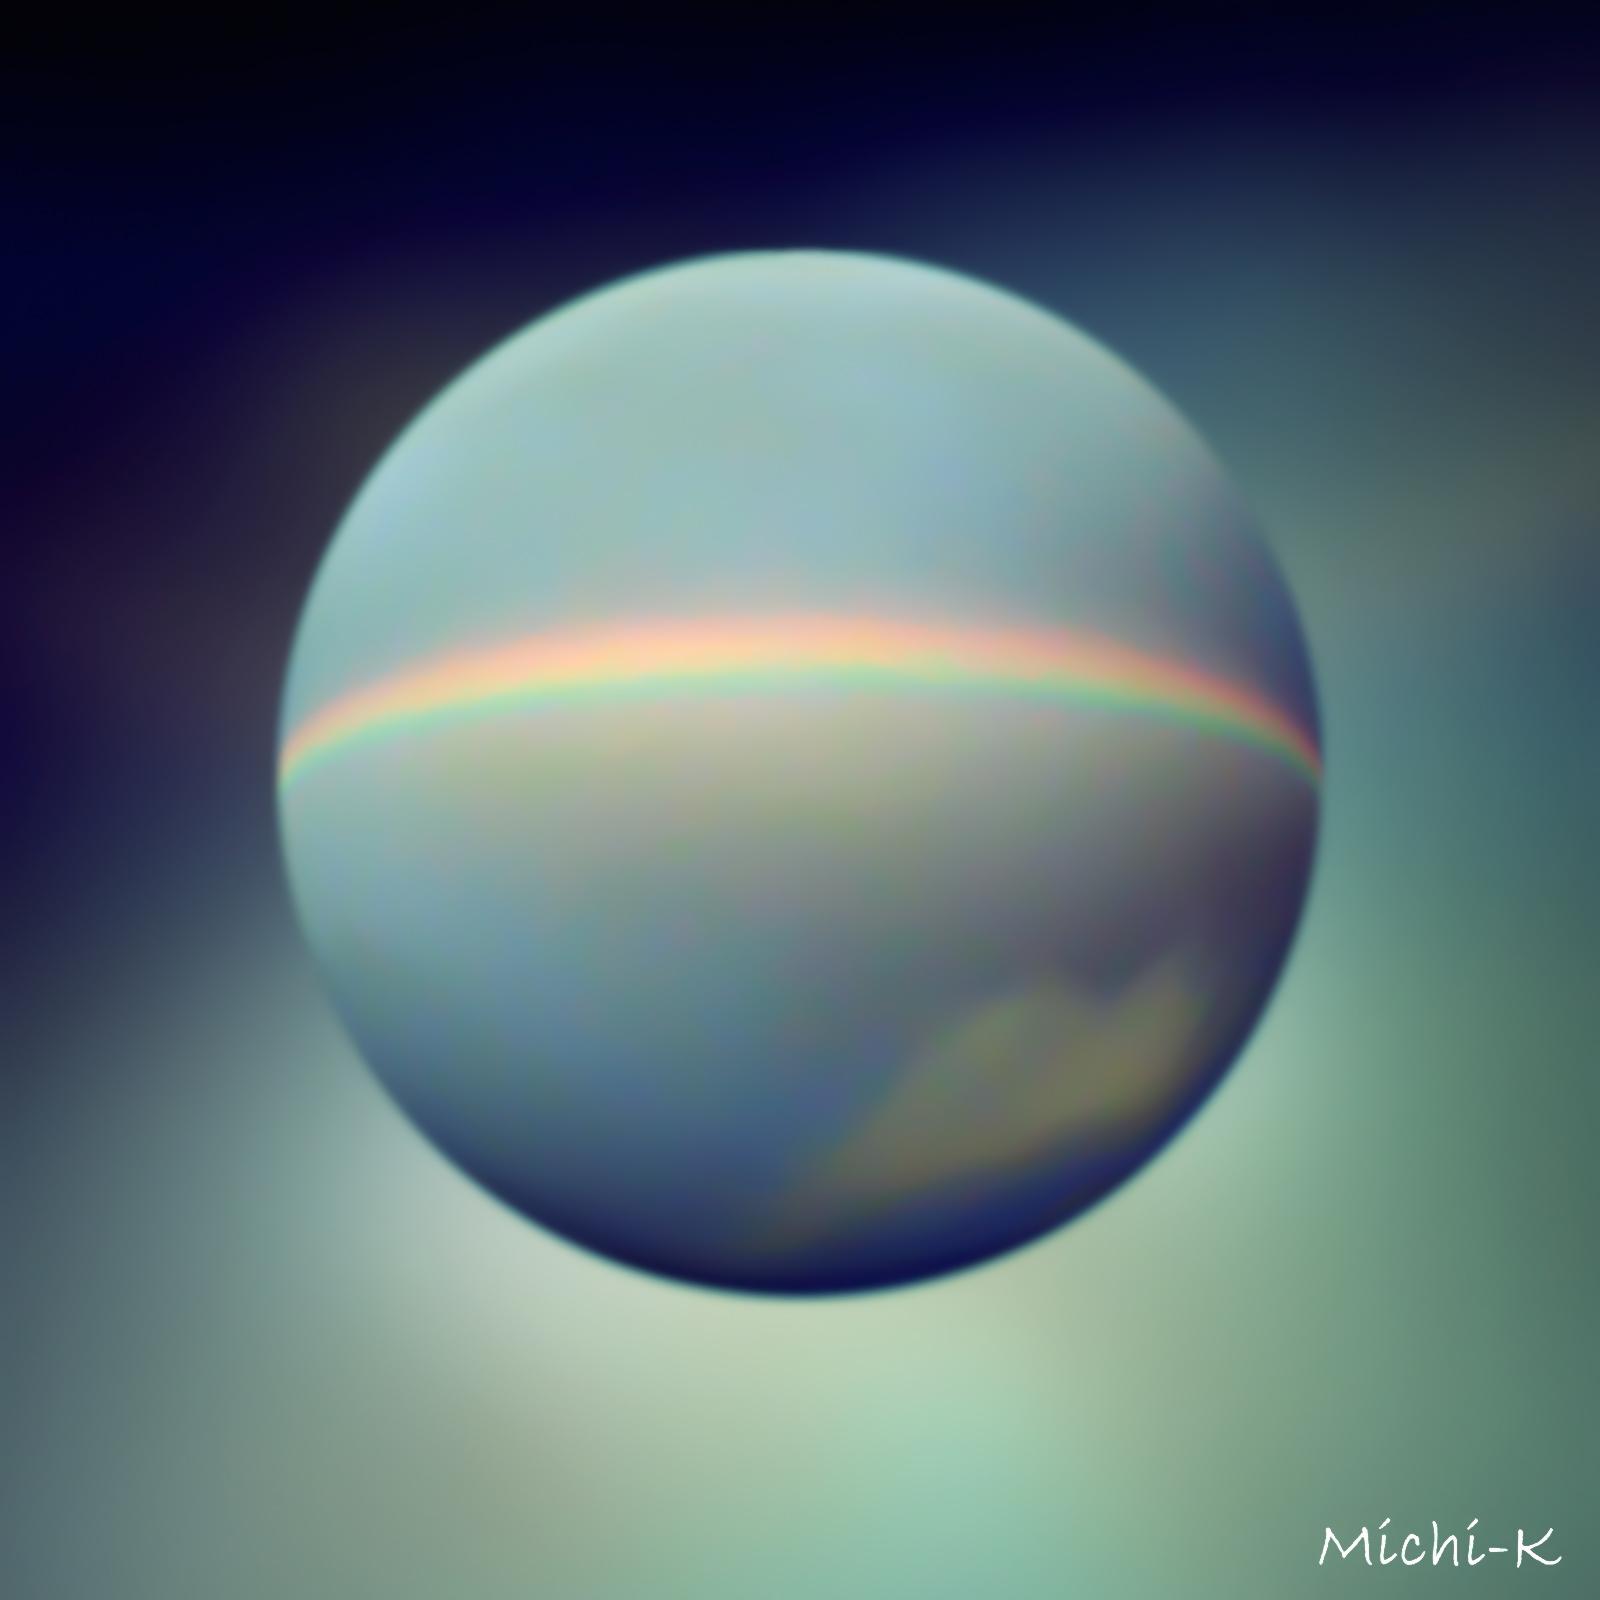 そらたま-虹の惑星